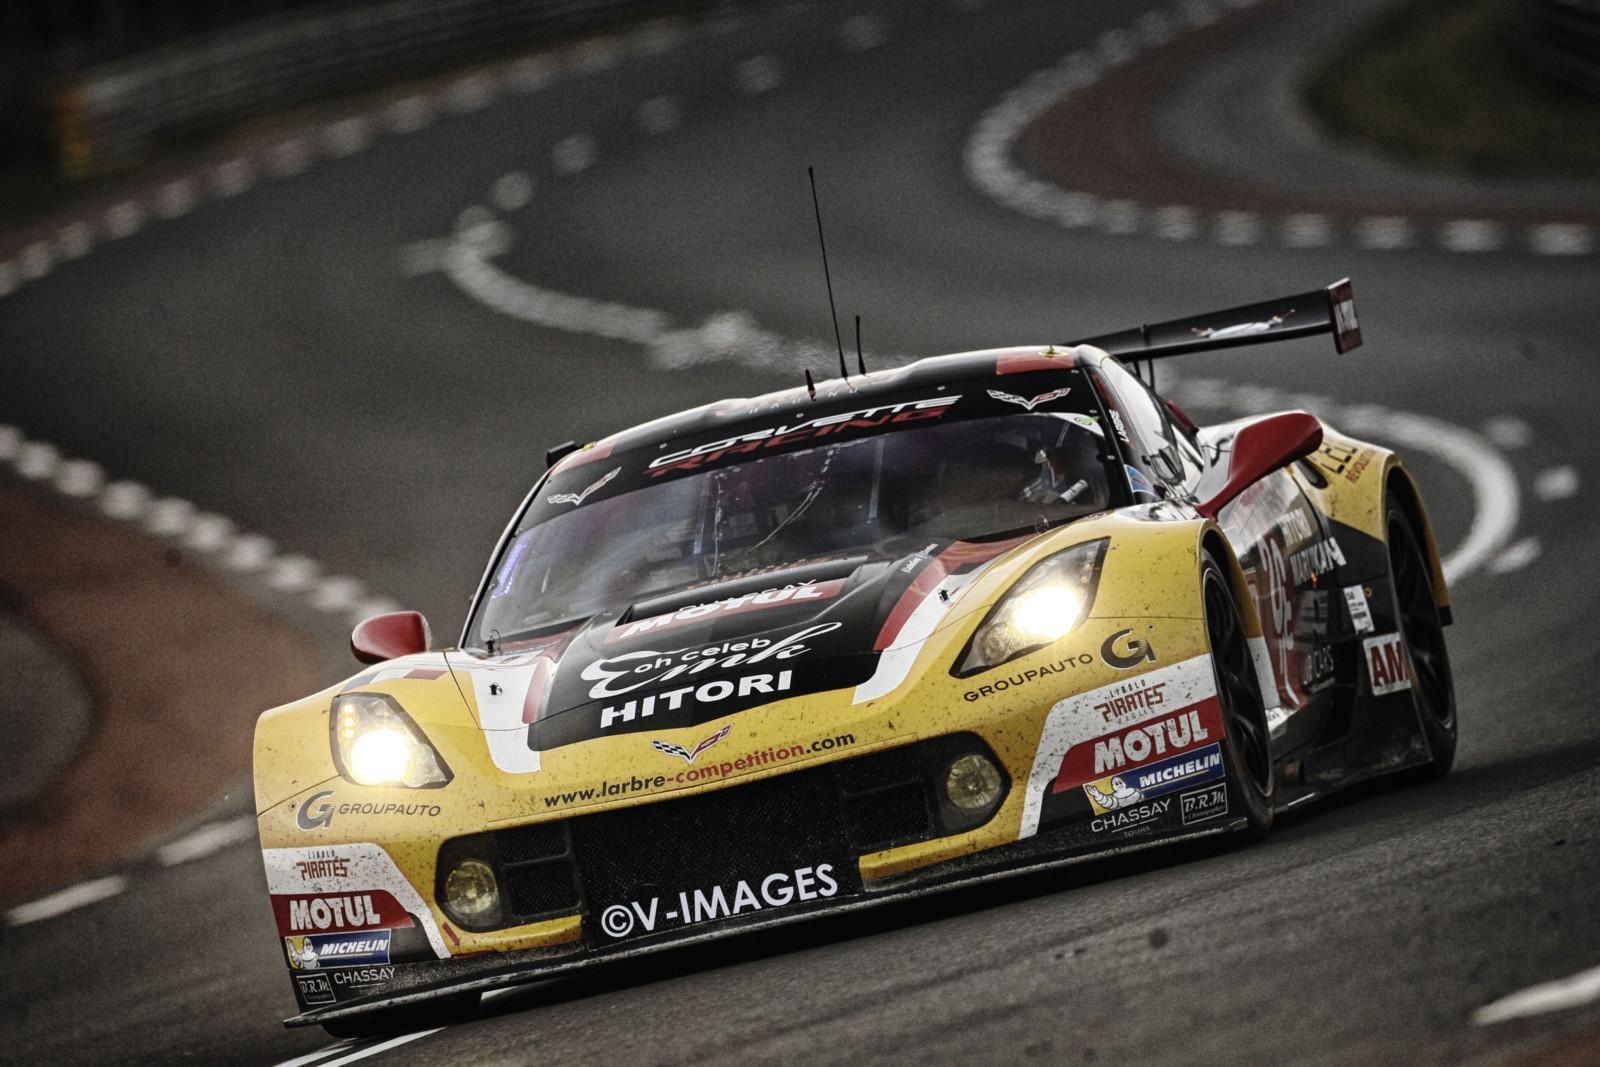 Le-Mans-Test-Day-2016---Larbre-Competition---Corvette-C7 copie